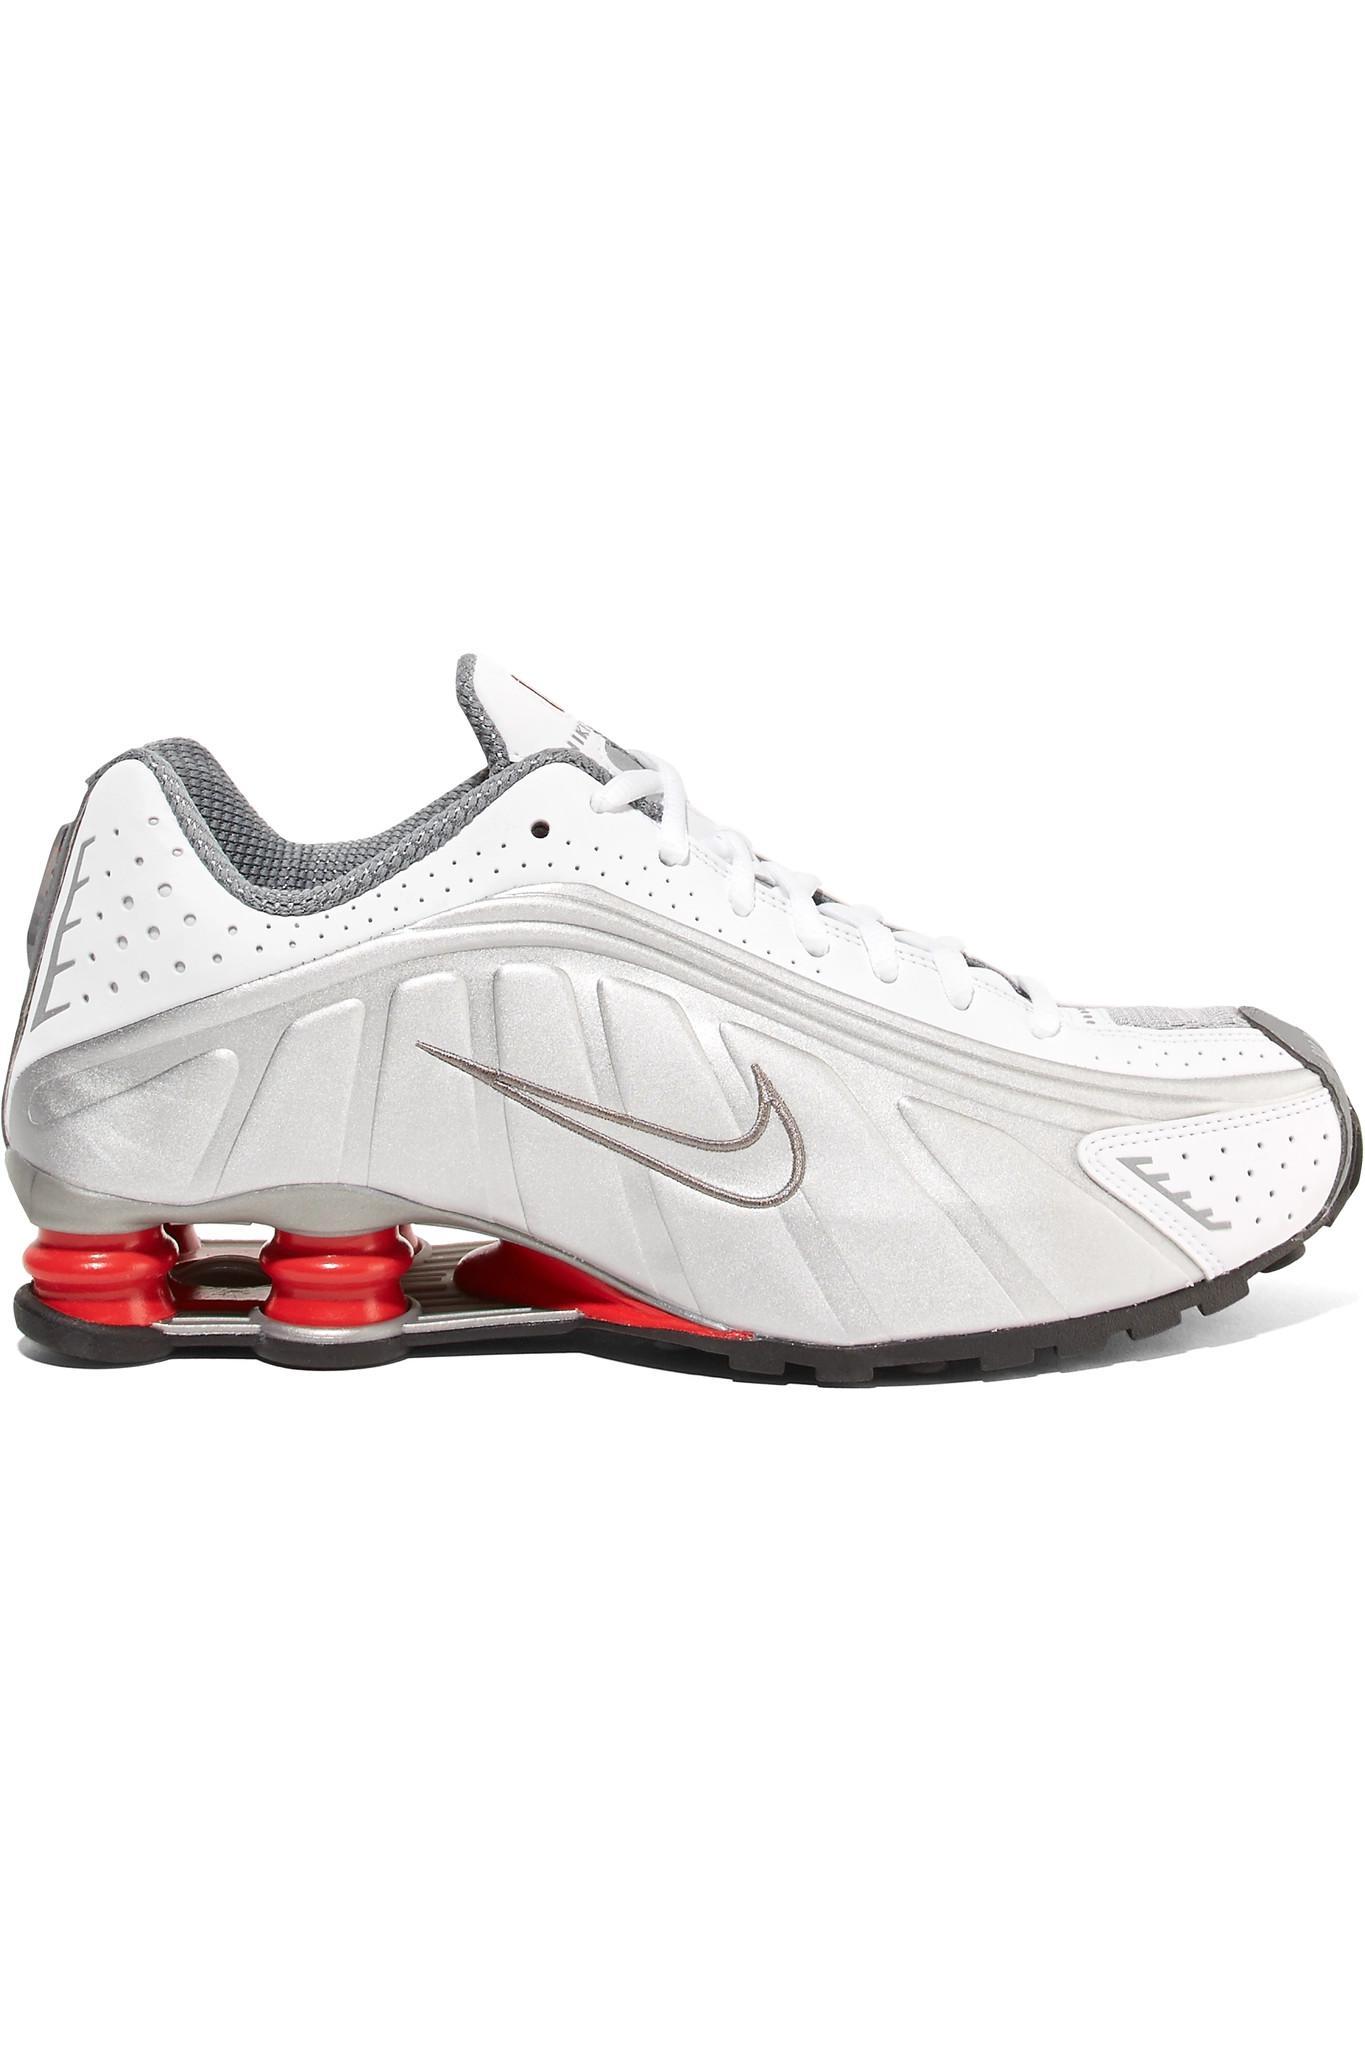 ed975ef25f4f Lyst - Nike Shox R4 Metallic Leather Sneakers in Metallic